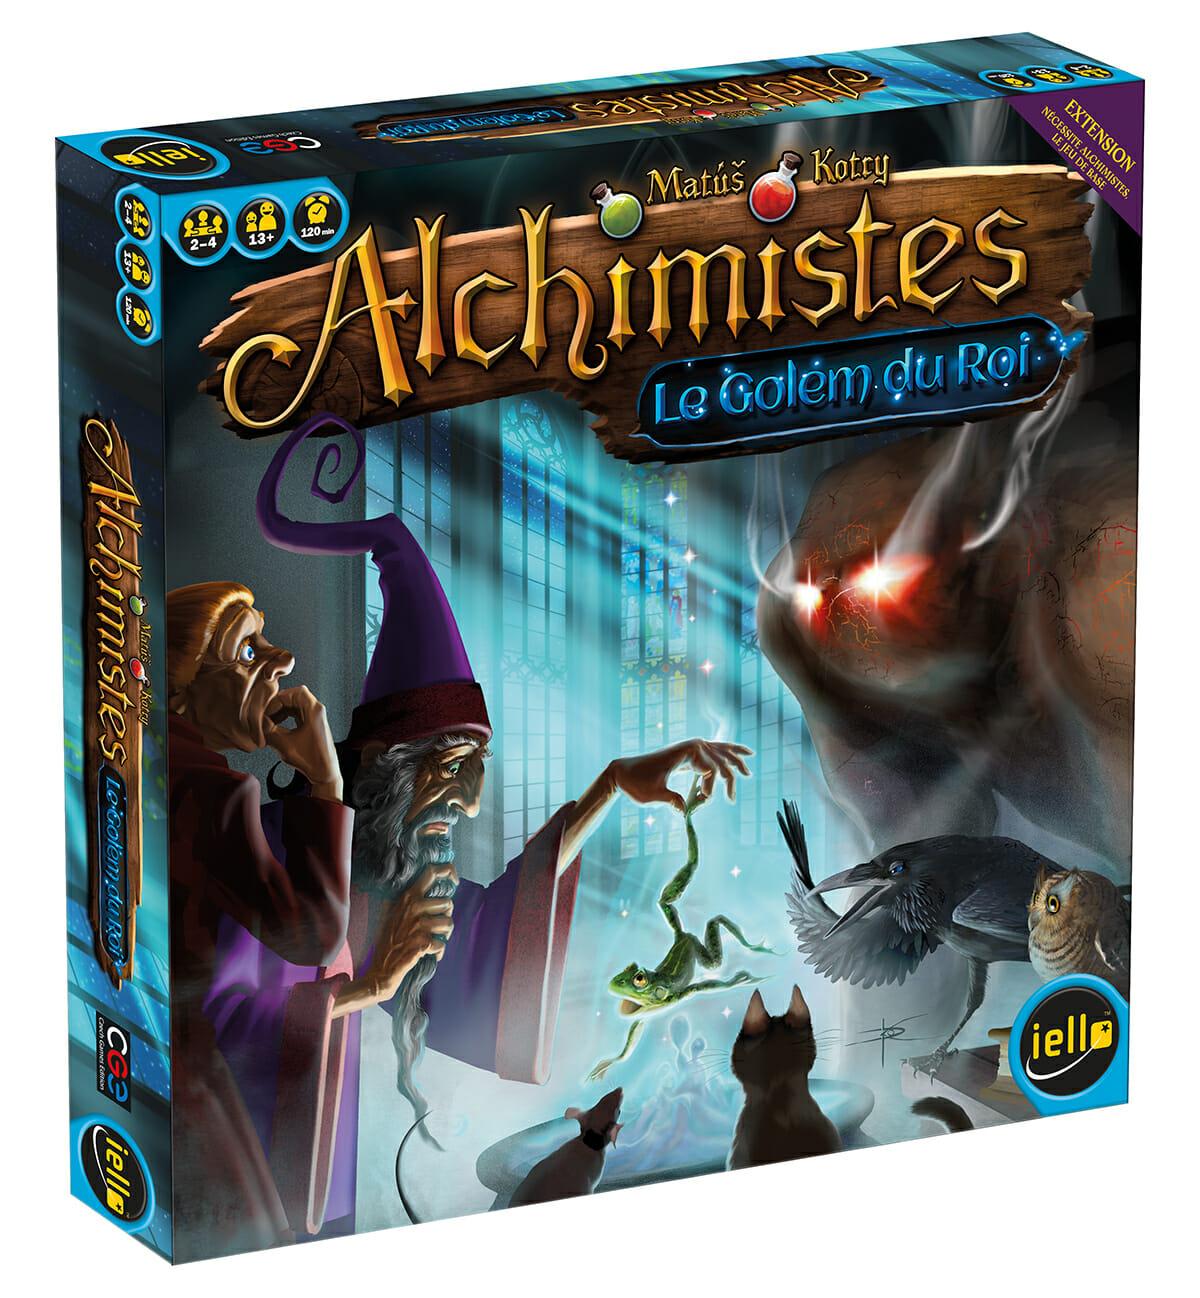 Alchimistes__le_golem_du_roi_cover_jeux_de_societe_Ludovox